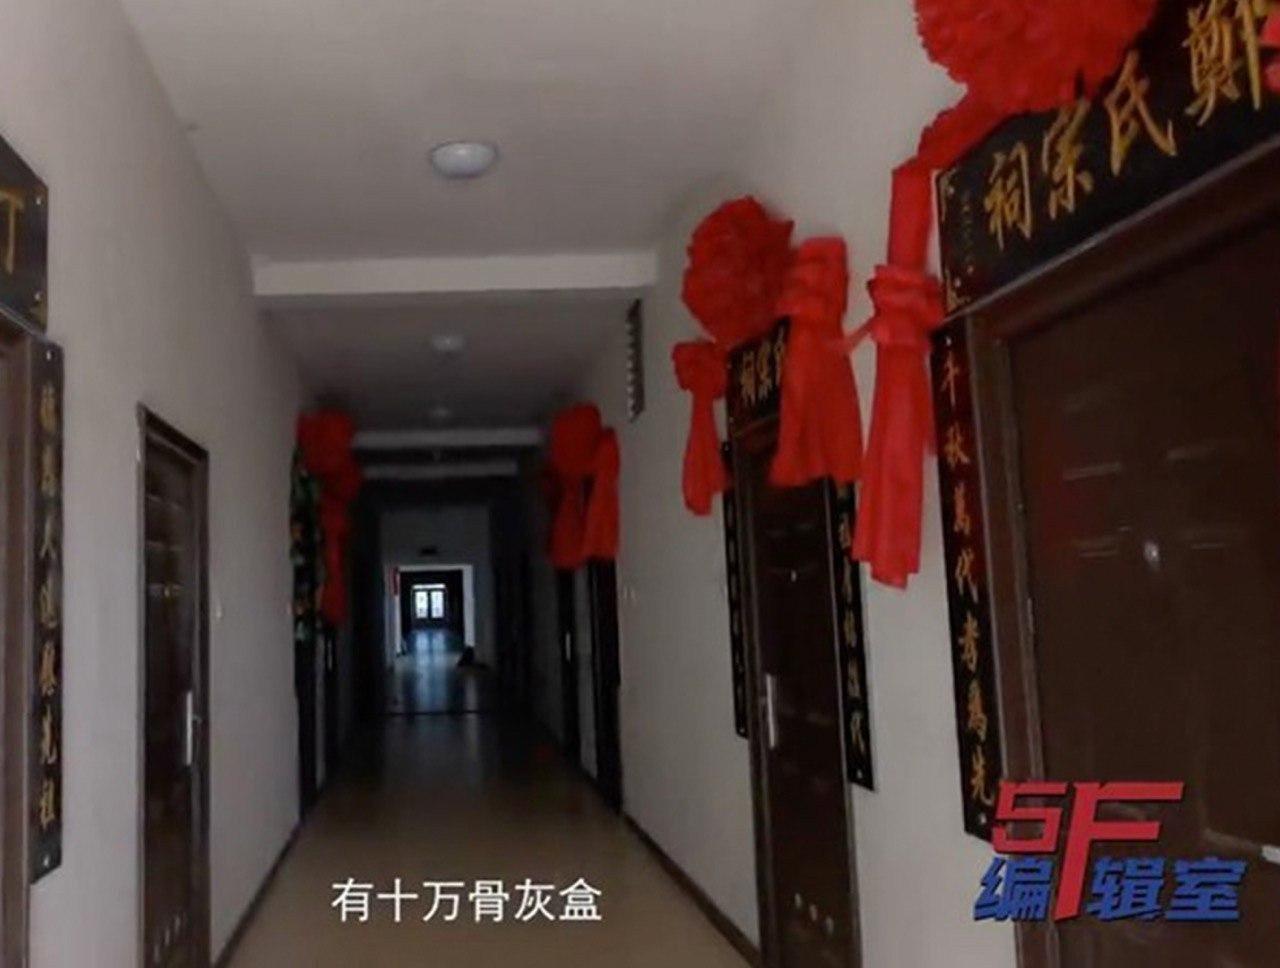 В Китае шесть лет работало кладбище, замаскированное под пятиэтажки картинка